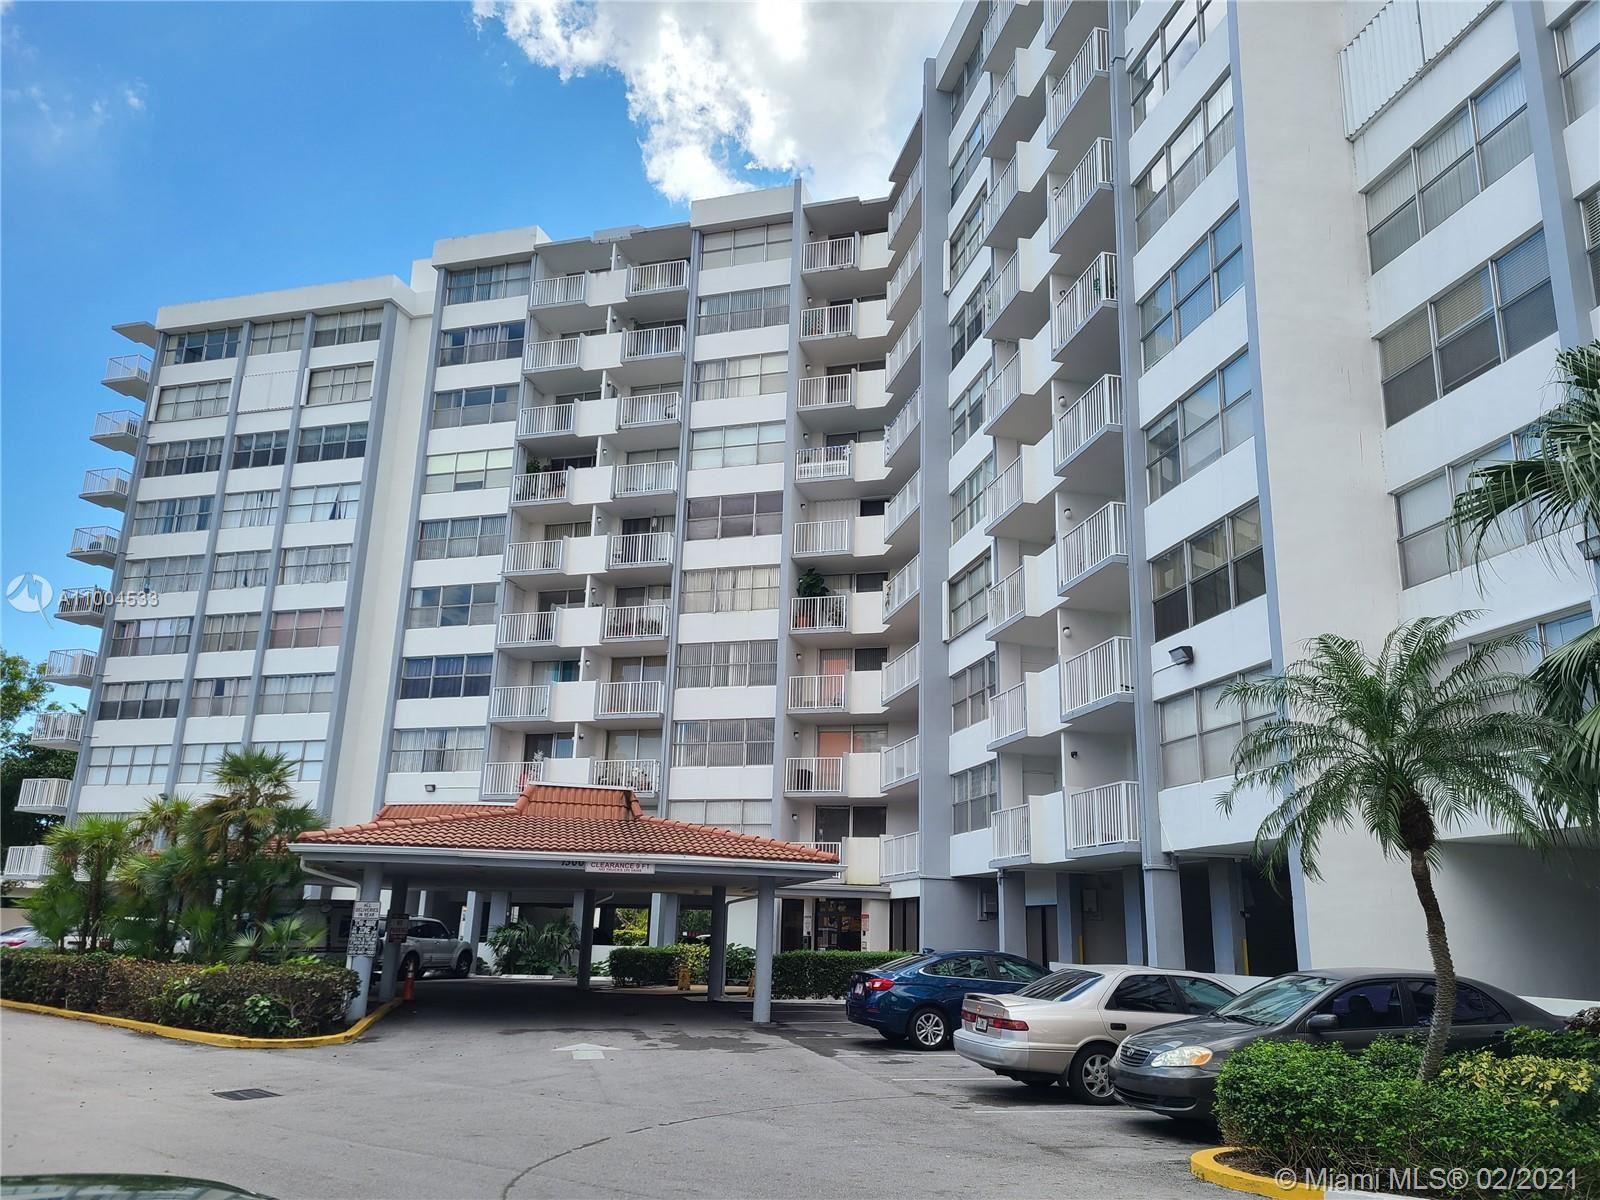 1300 NE Miami Gardens Dr #820E, Miami, FL 33179 - #: A11004533